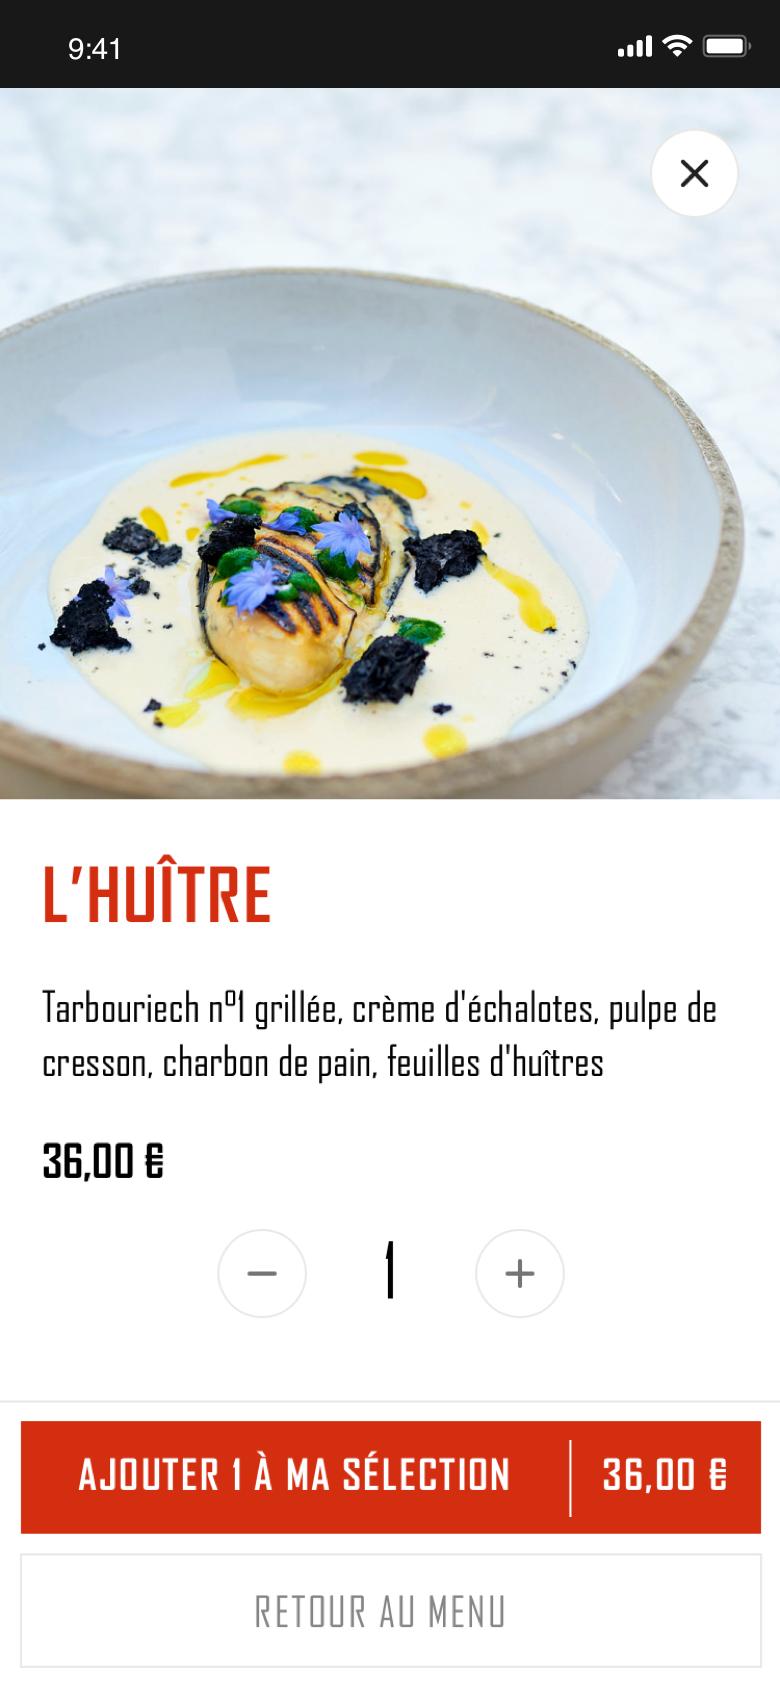 Menu du restaurant Colette